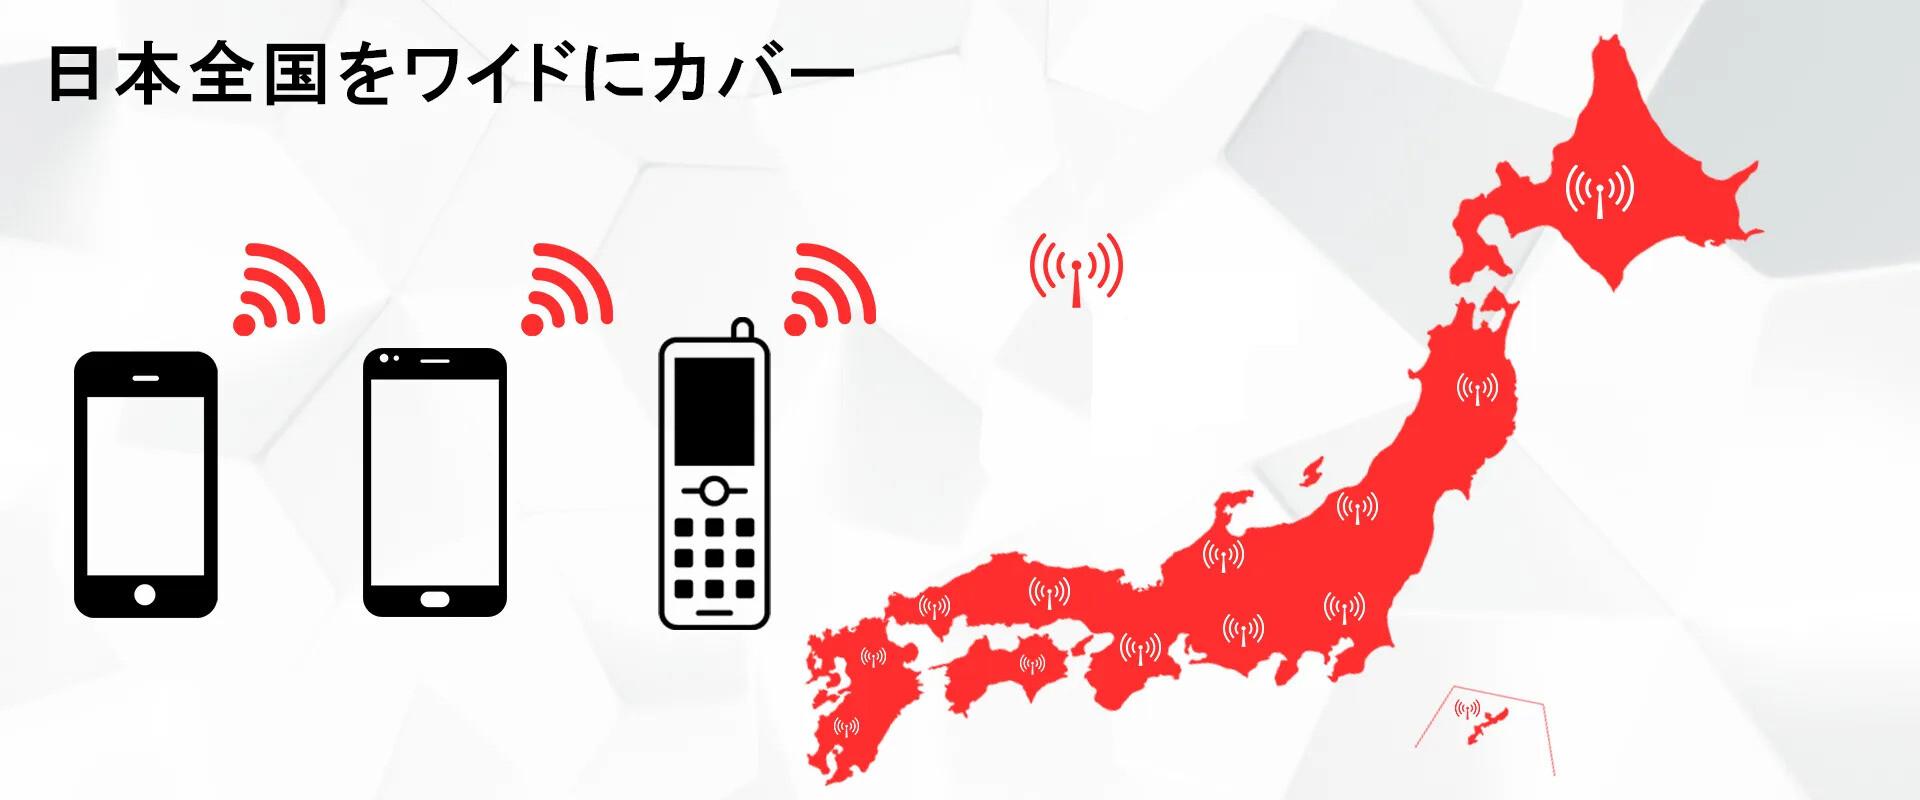 日本中どこでもネットと繋がる